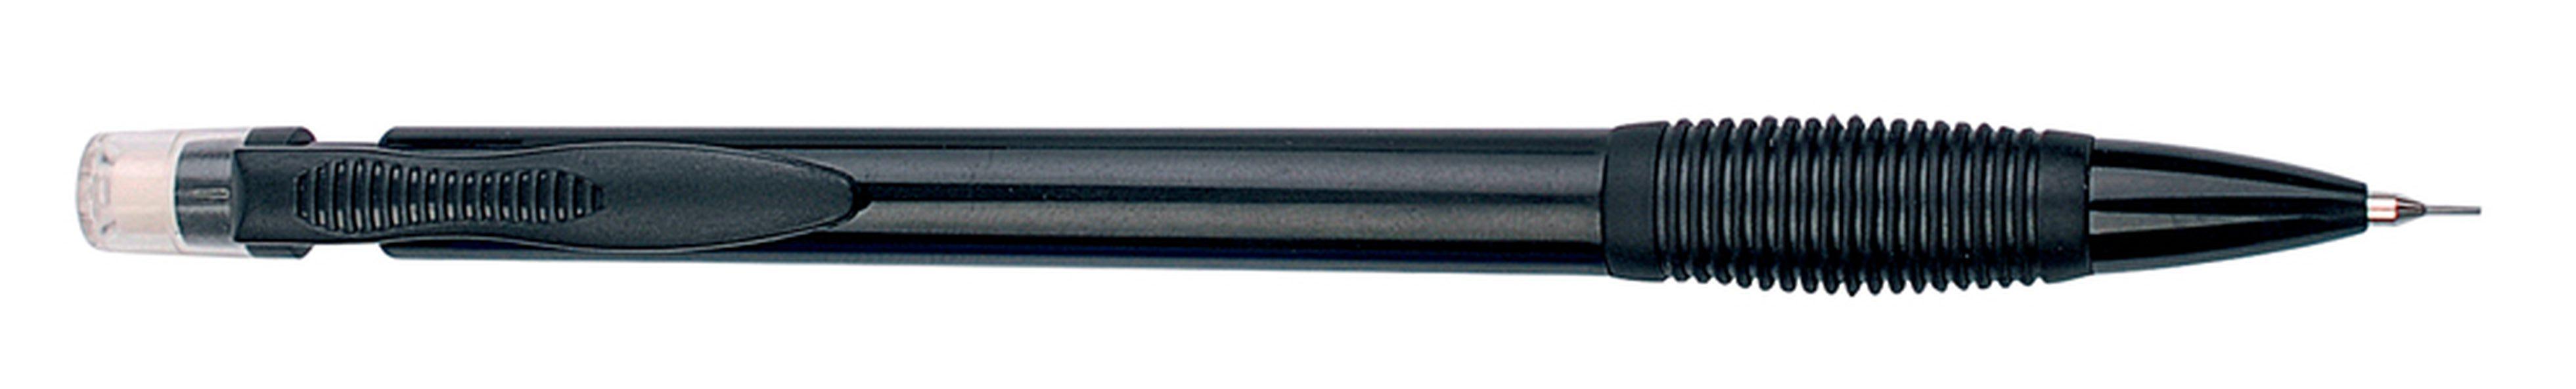 Penzil černá mikrotužka